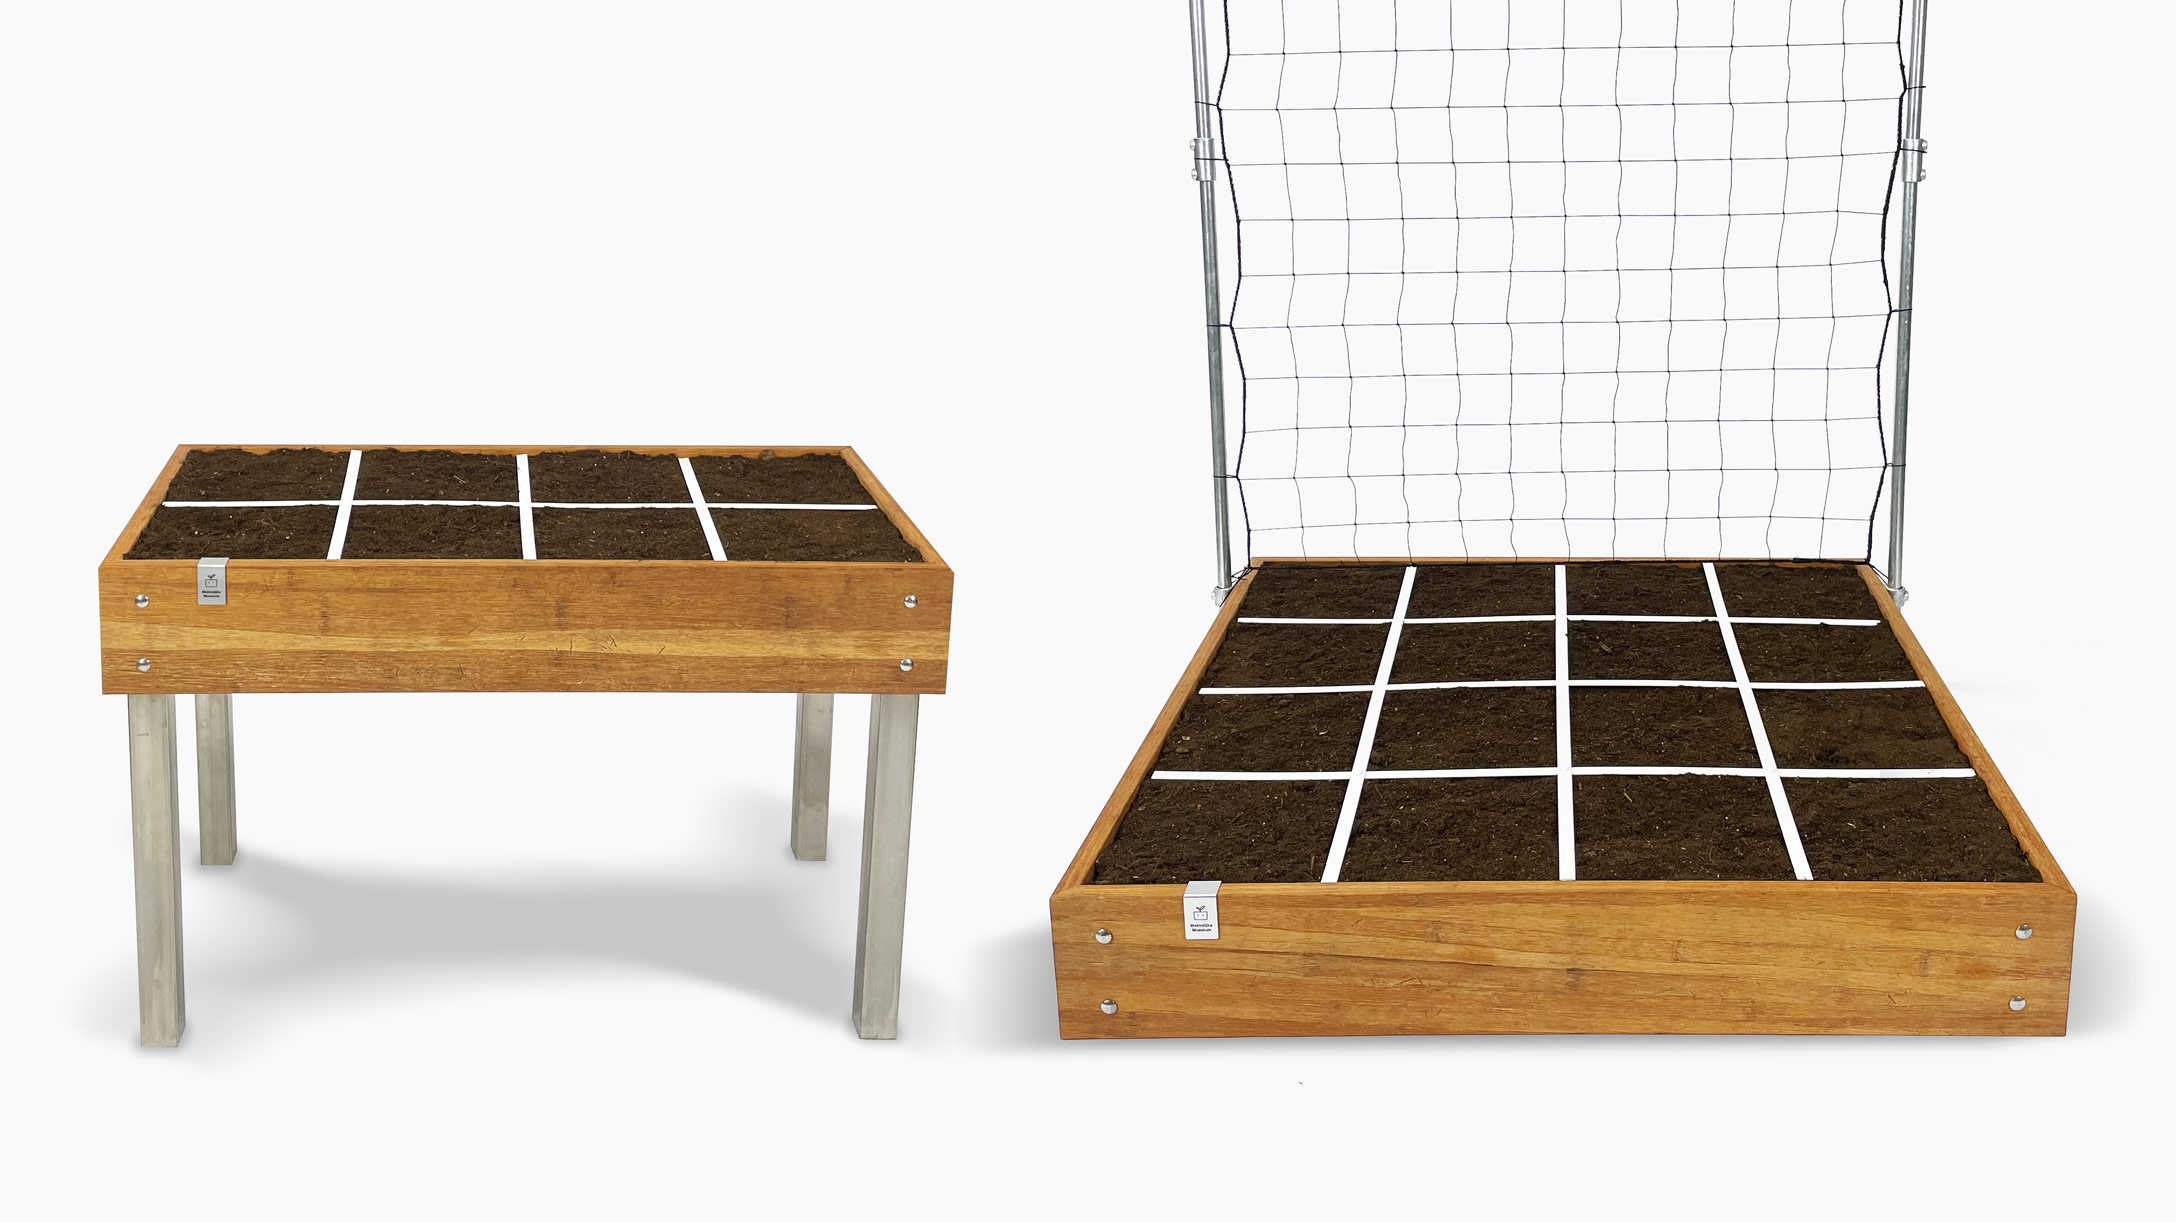 blog_-tadaa-new-garden-box-made-of-bamboo00001.jpg